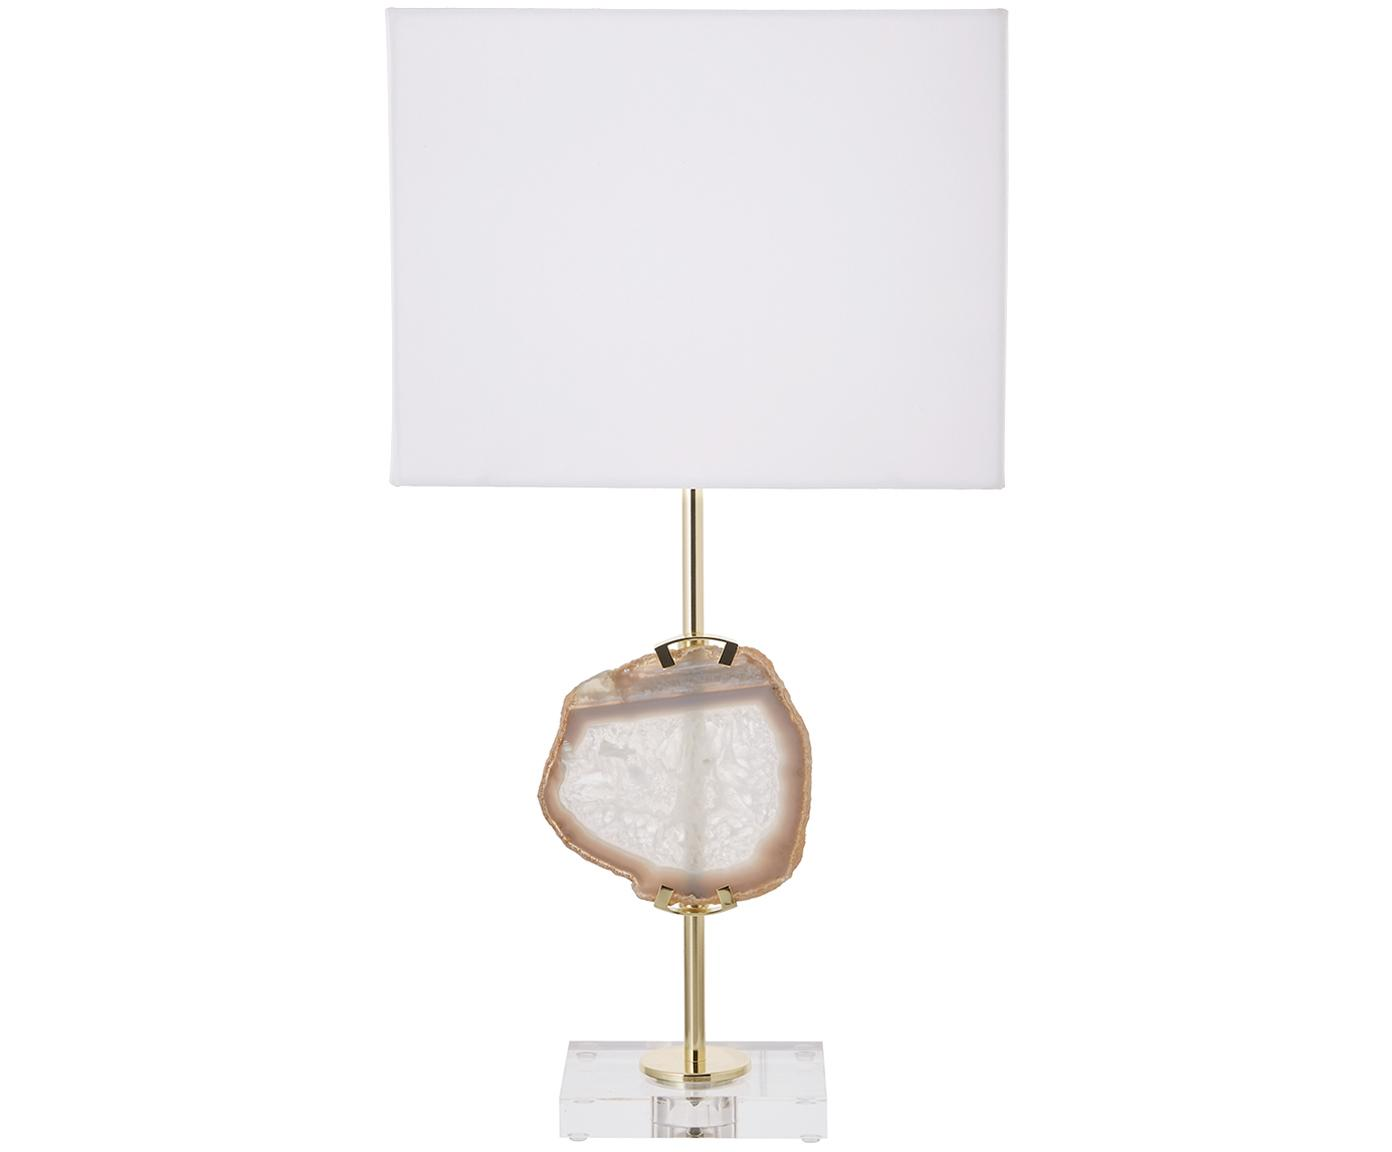 Lampada da tavolo con decorazione in agata Treasure, Base della lampada: acrilico metallo, Decorazione: agata, Paralume: miscela di cotone, Trasparente, dorato, agata beige Paralume: bianco, Larg. 33 x Alt. 62 cm